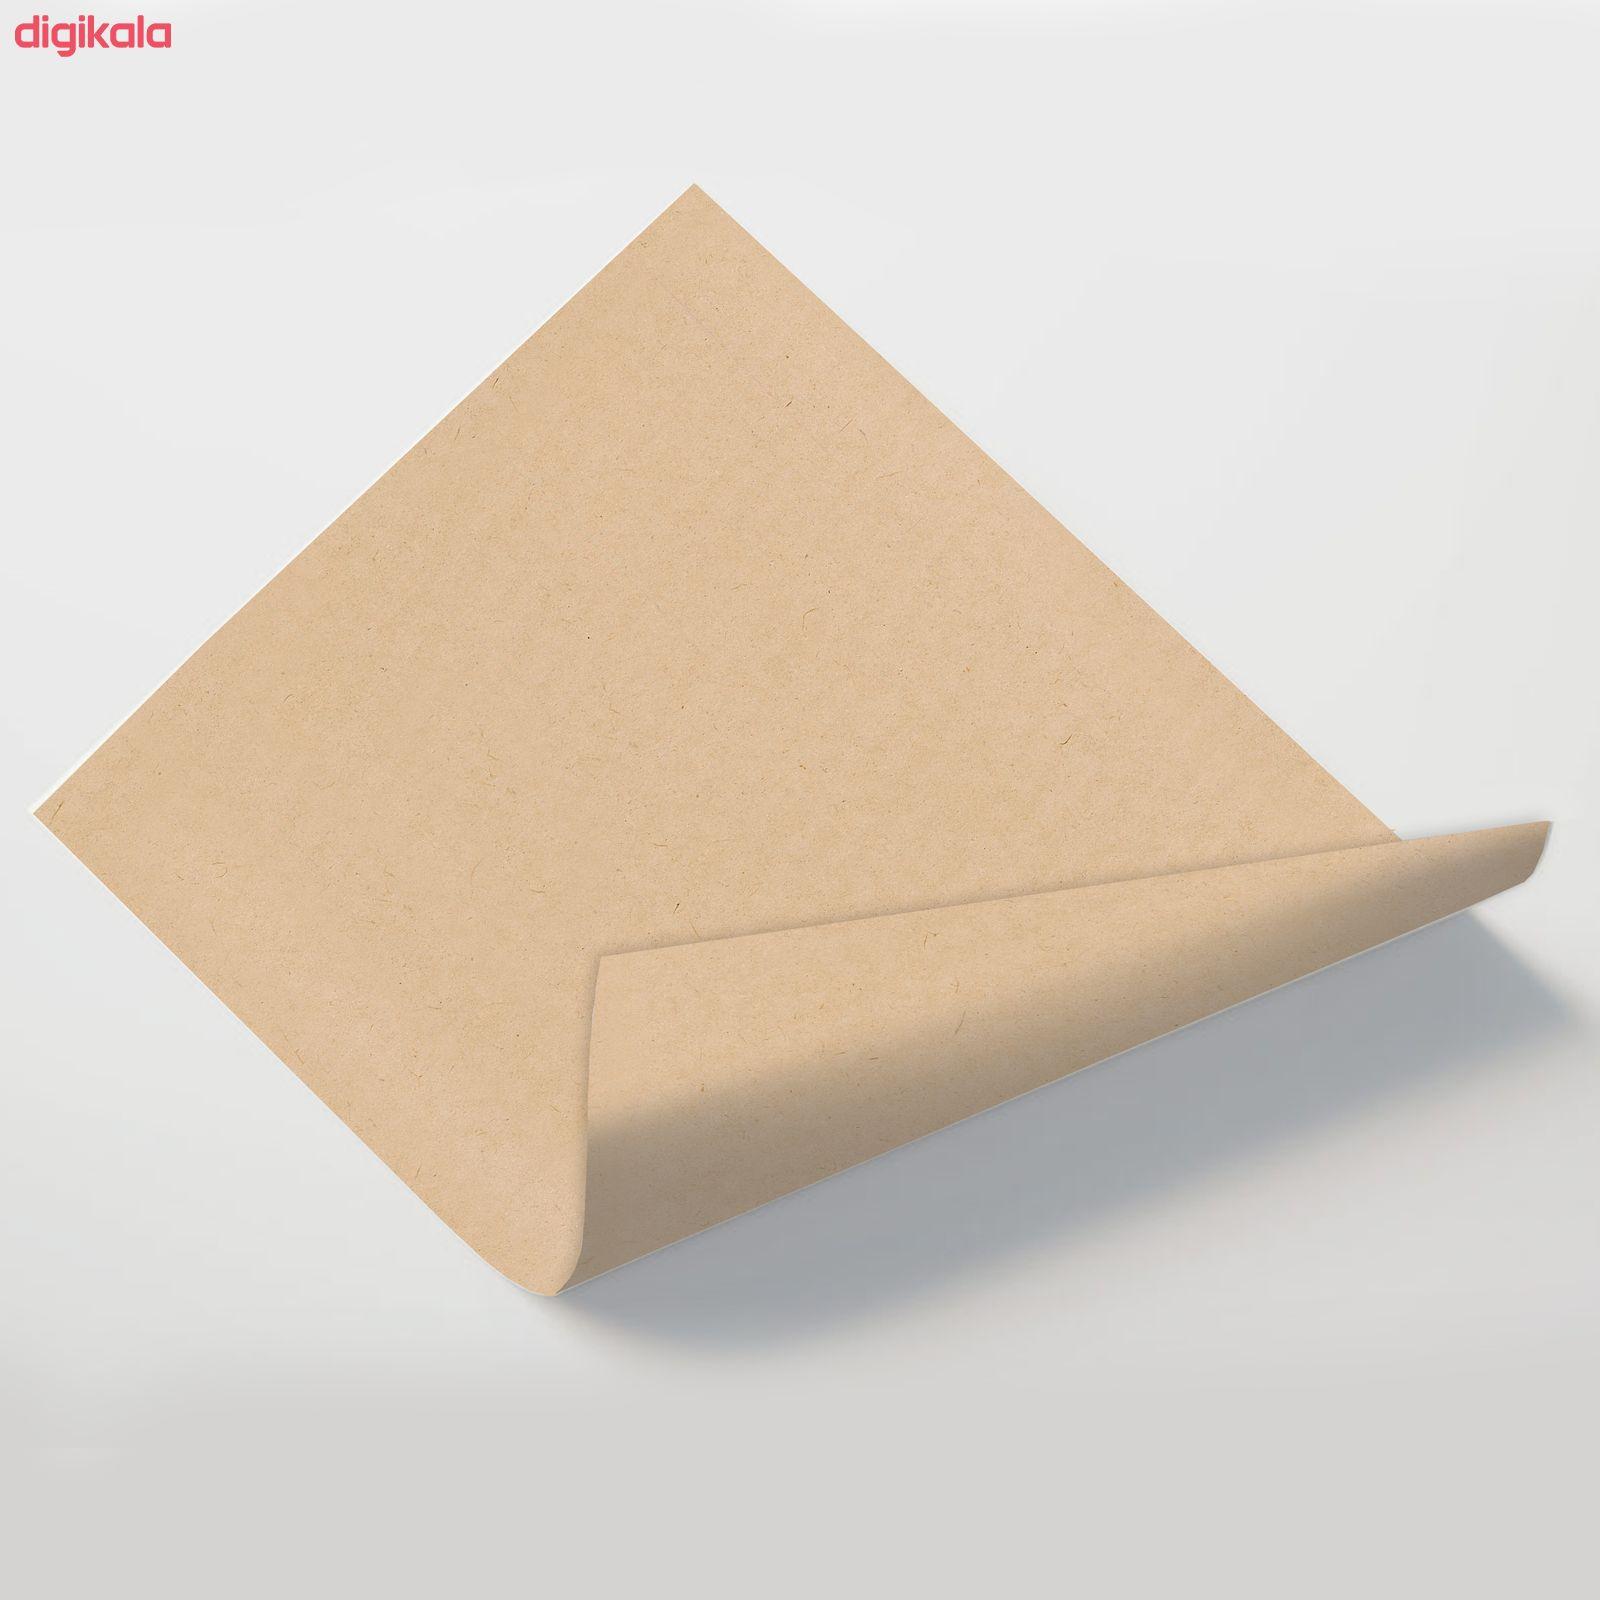 کاغذ کرافت مستر راد کد 1436 بسته 50 عددی main 1 20